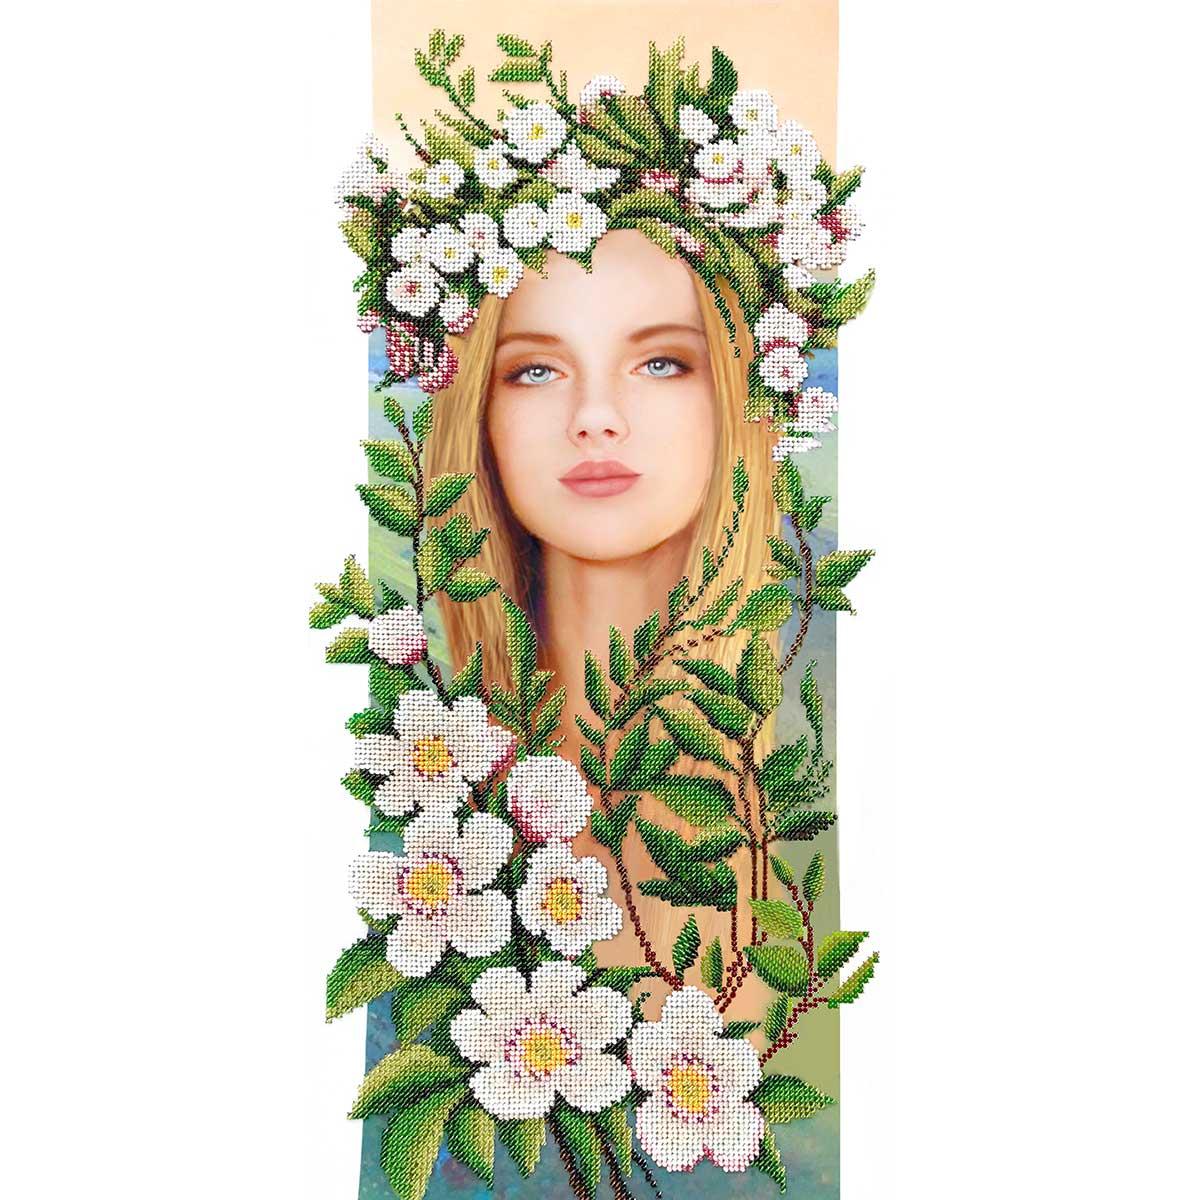 АВР-02 Наборы для вышивания бисером Созвездие 'Весна' 25*50см